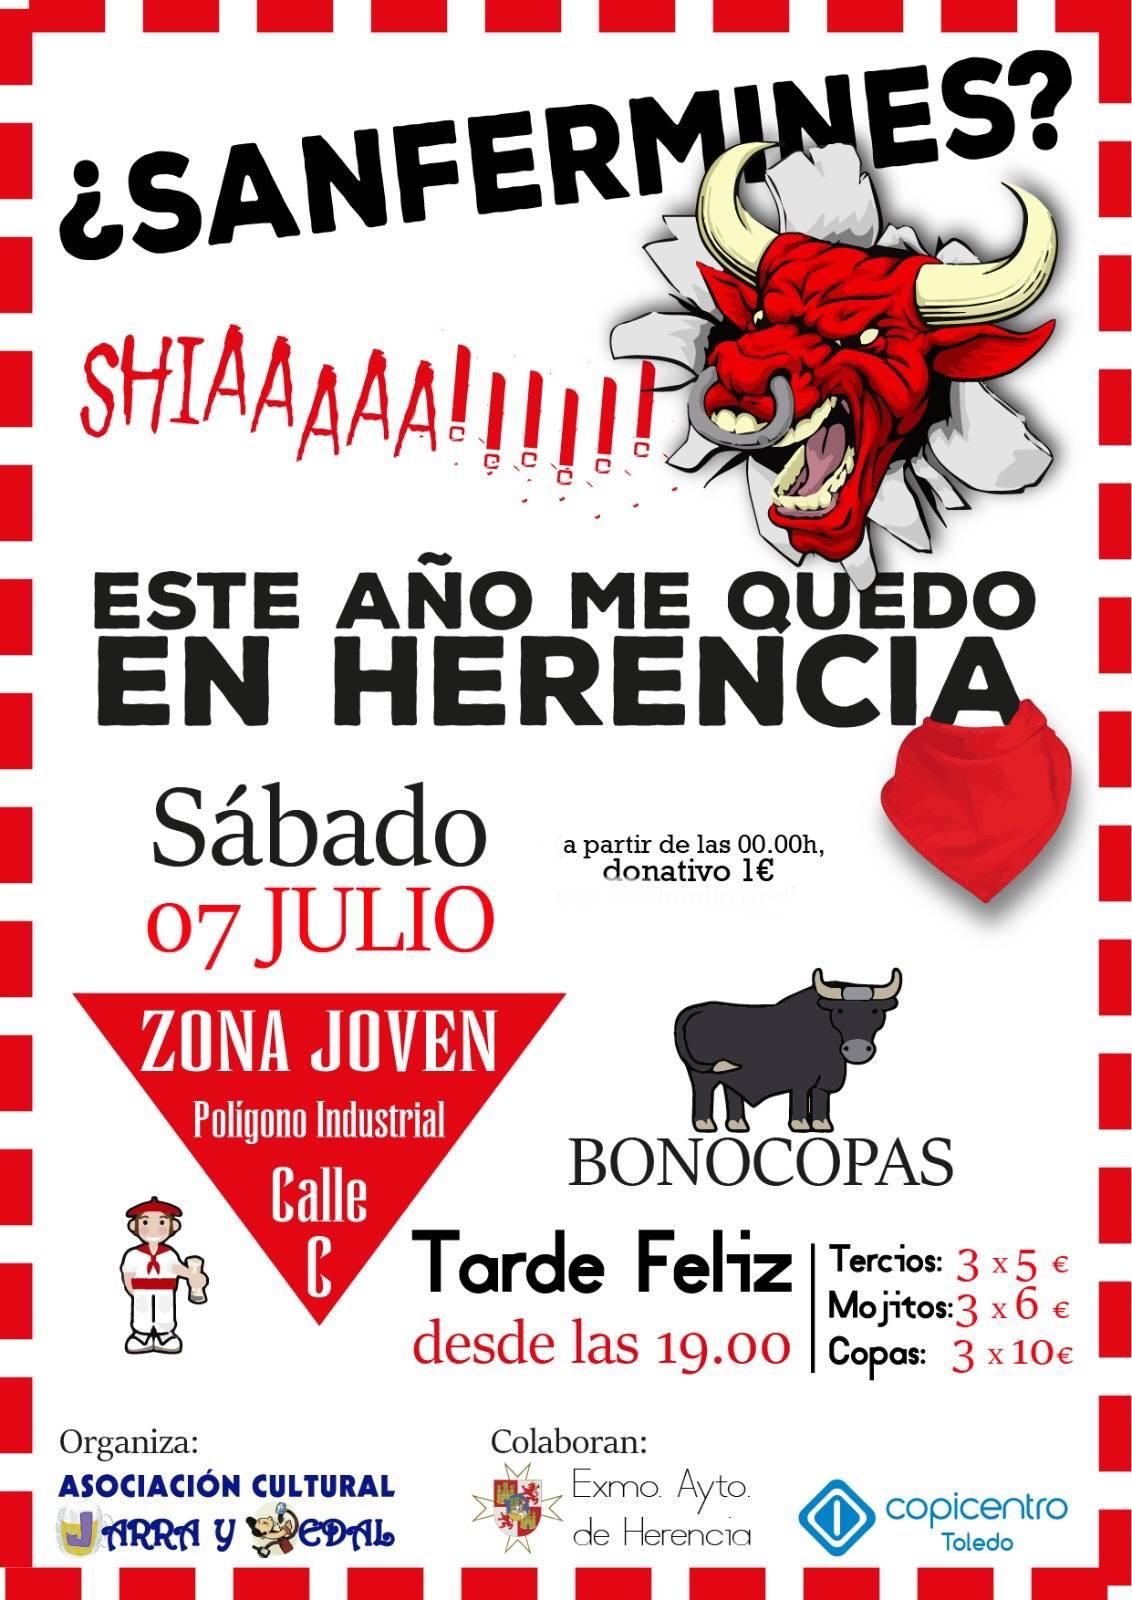 Fiesta de verano de la asociación jarra y pedal - Fiesta de verano de la asociación Jarra y Pedal